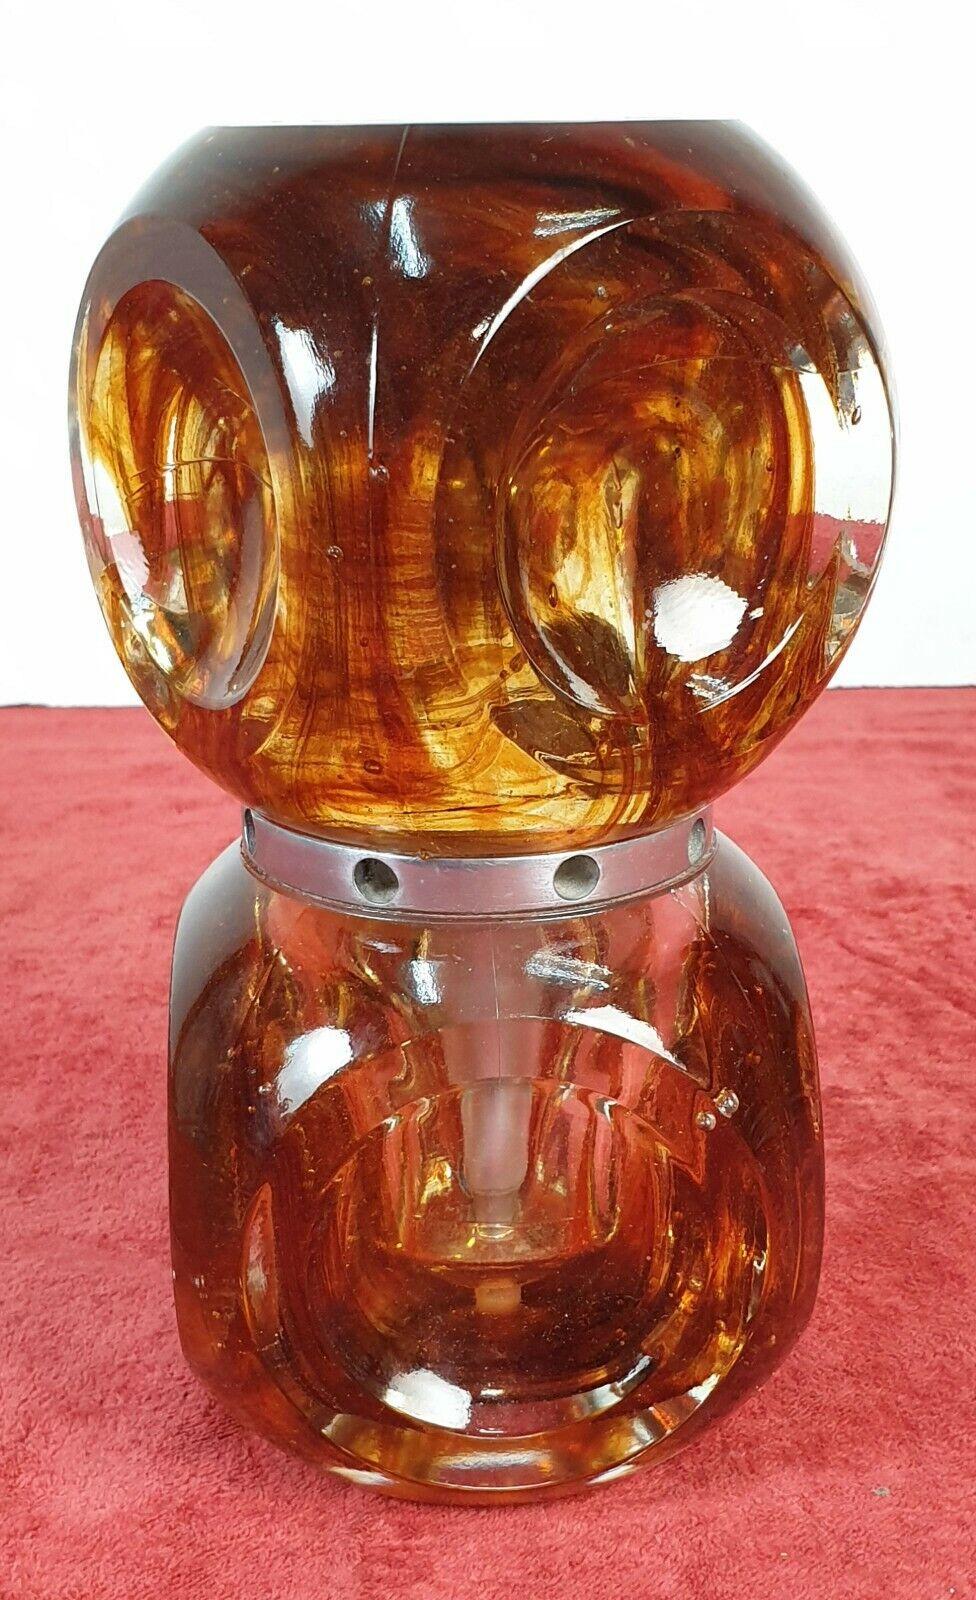 LAMPE DE TABLE. VERRE PRESSÉ. COULEUR AMBRE. ITALIE VERS 1960.